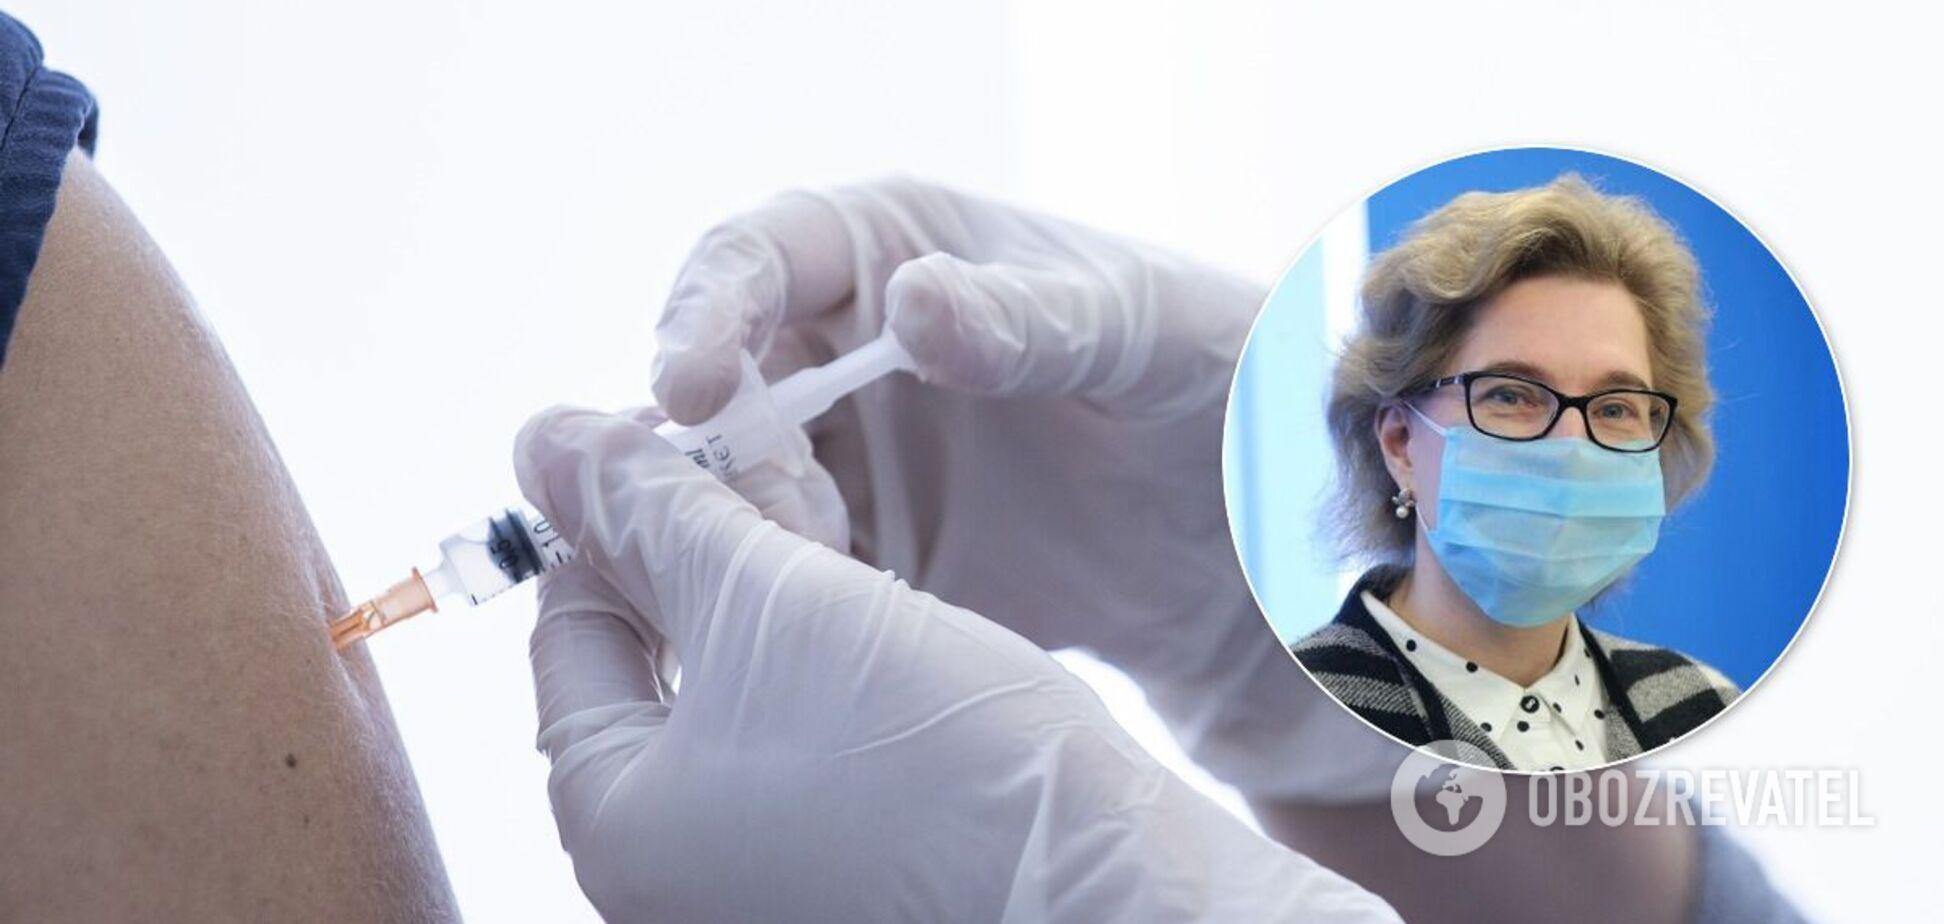 Вакцинація імунних людей загрожує проблемами зі здоров'ям